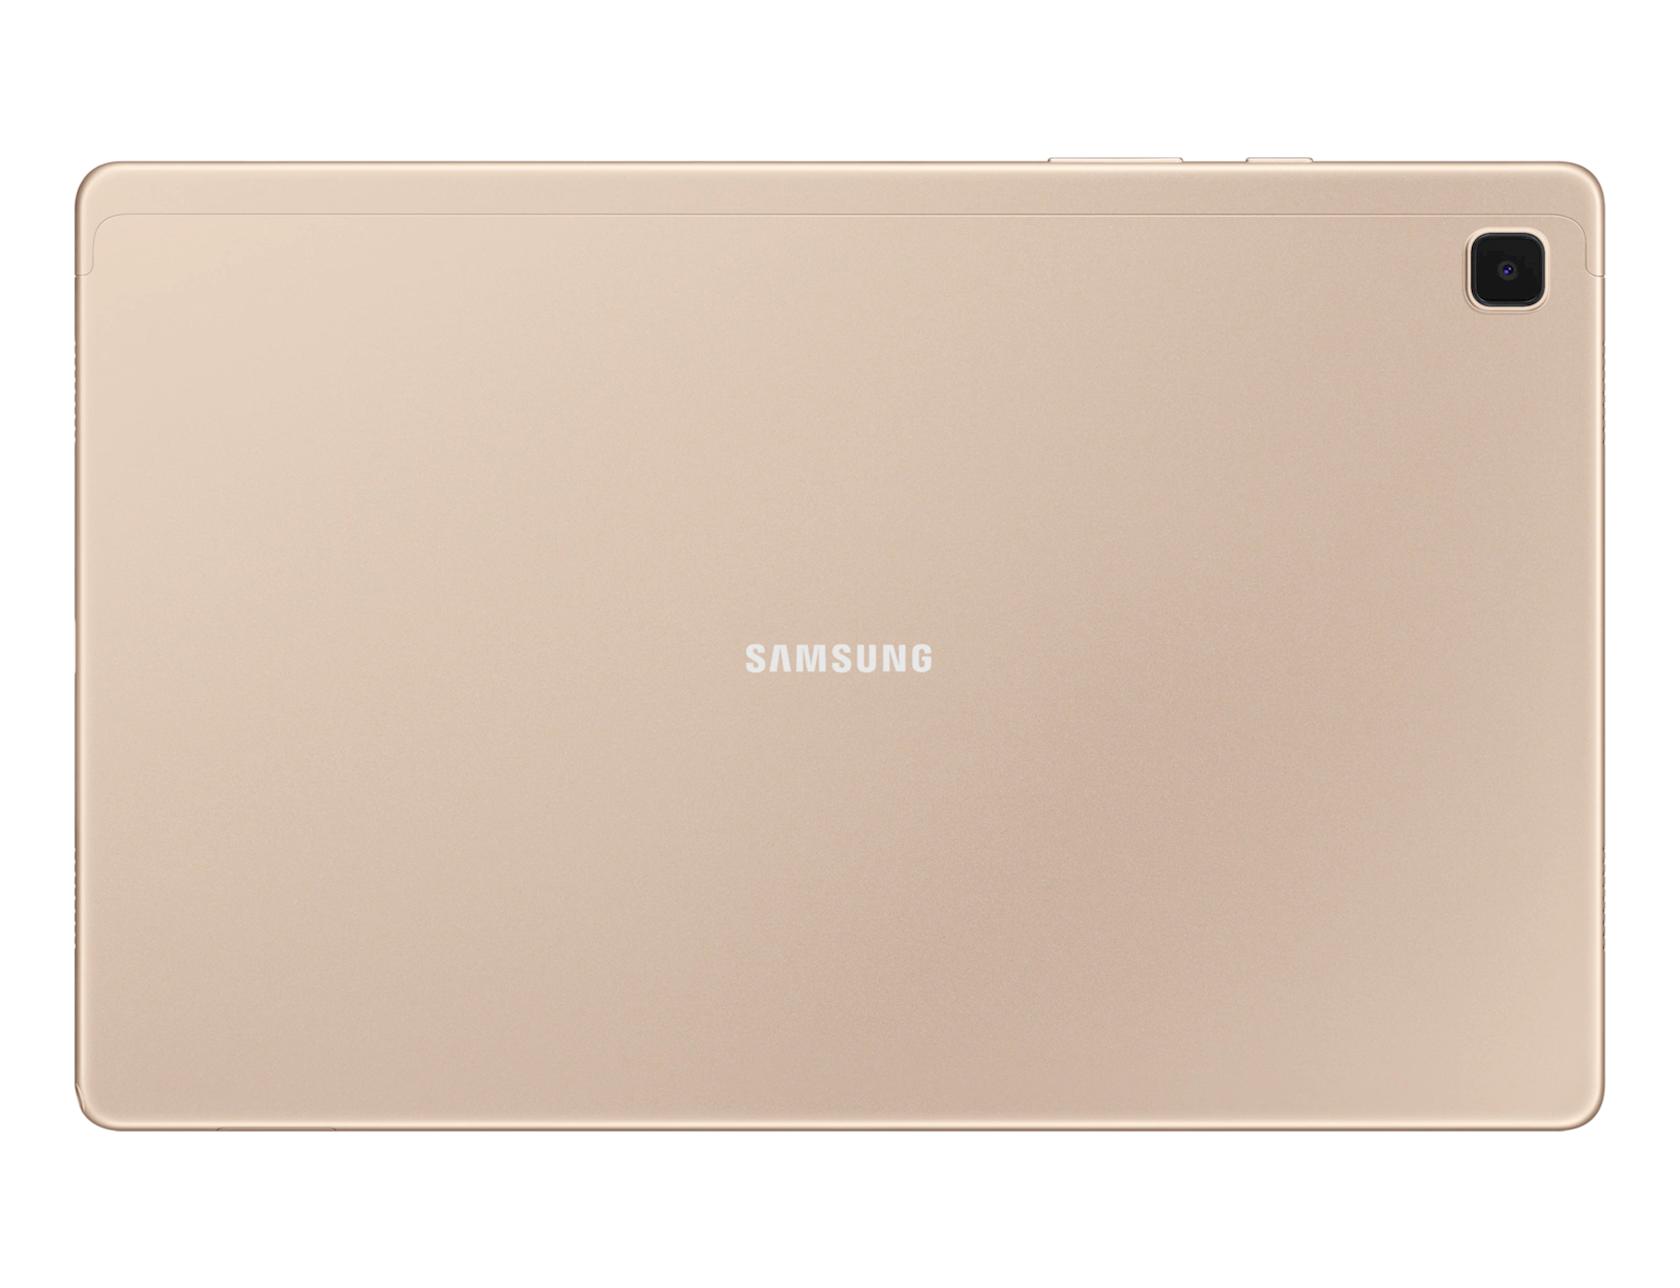 Planşet Samsung Galaxy Tab A7 10.4 SM-T505 32GB 2020 Gold